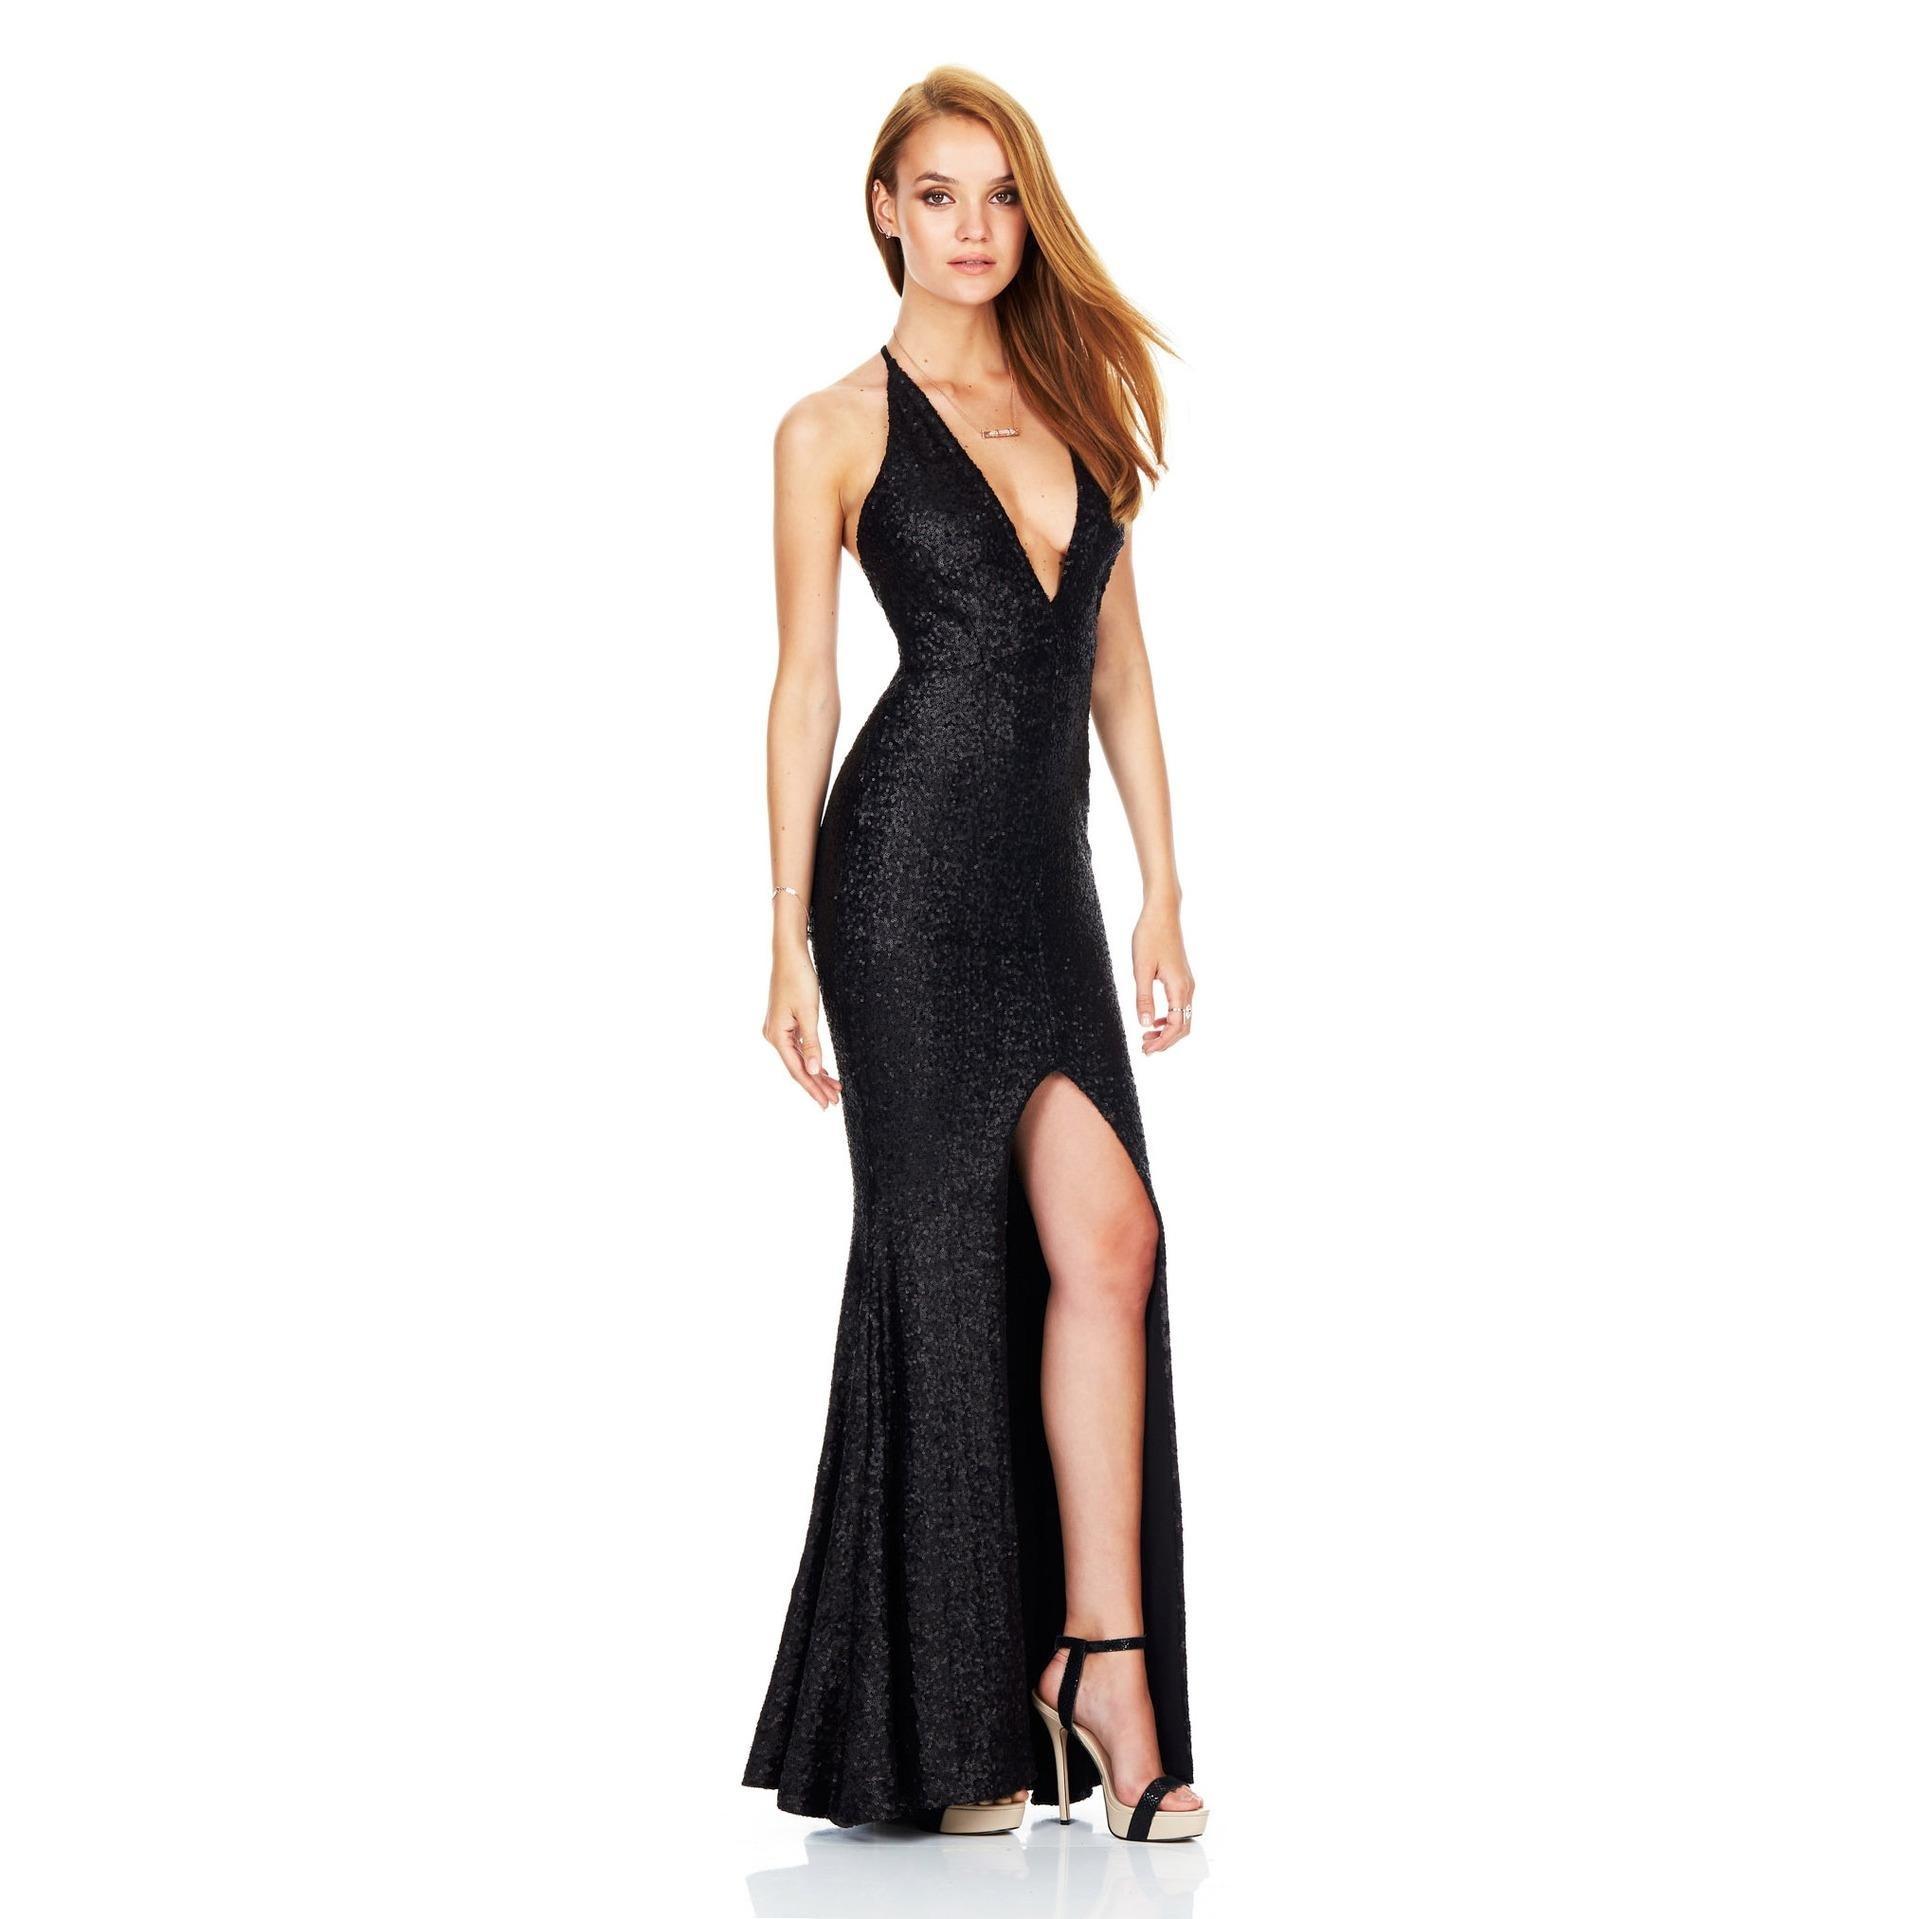 17 Genial Pailletten Kleid Abendkleid für 2019Formal Spektakulär Pailletten Kleid Abendkleid Design